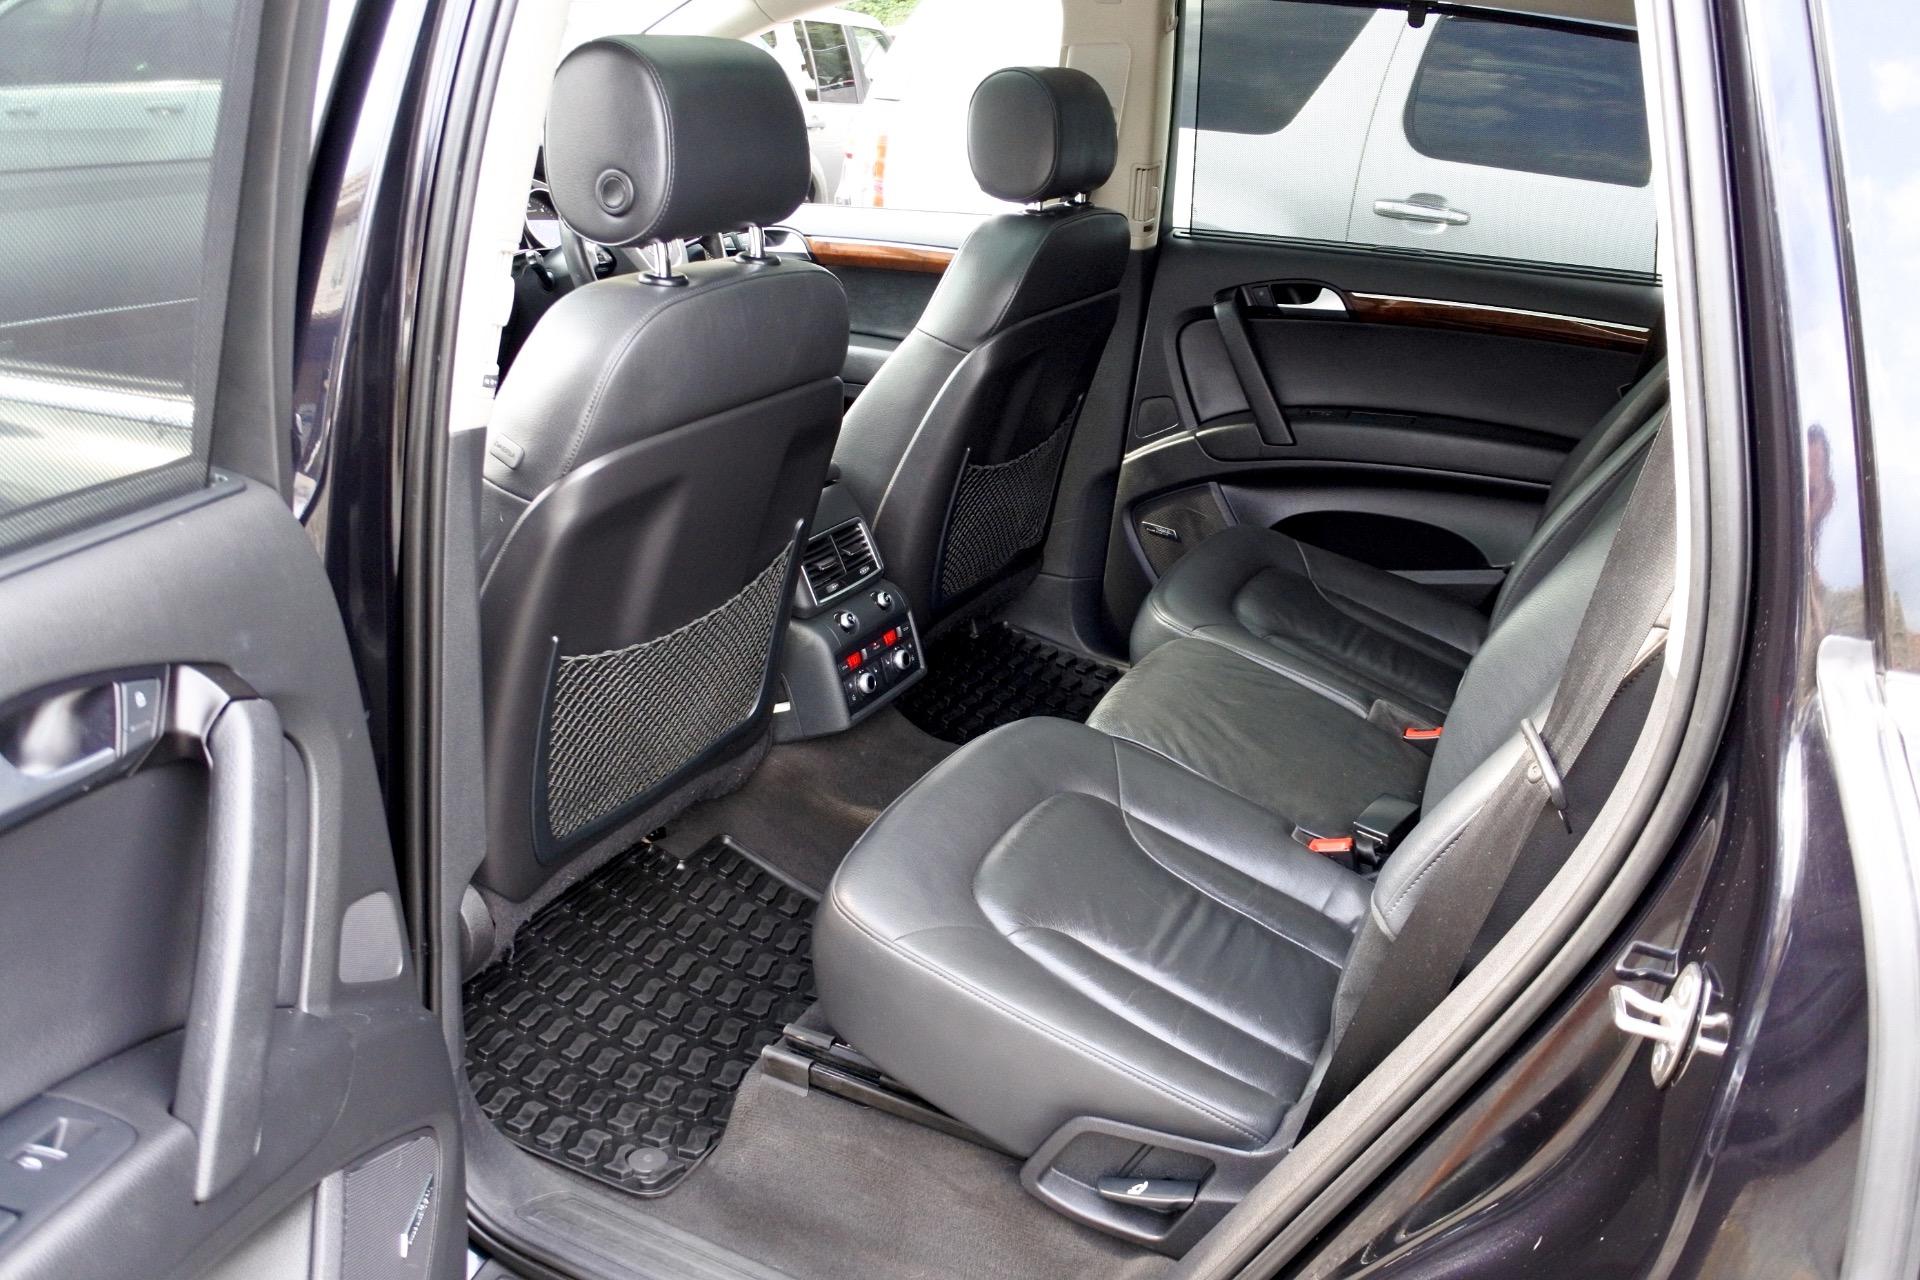 Used 2013 Audi Q7 TDI Premium Plus Used 2013 Audi Q7 TDI Premium Plus for sale  at Metro West Motorcars LLC in Shrewsbury MA 16